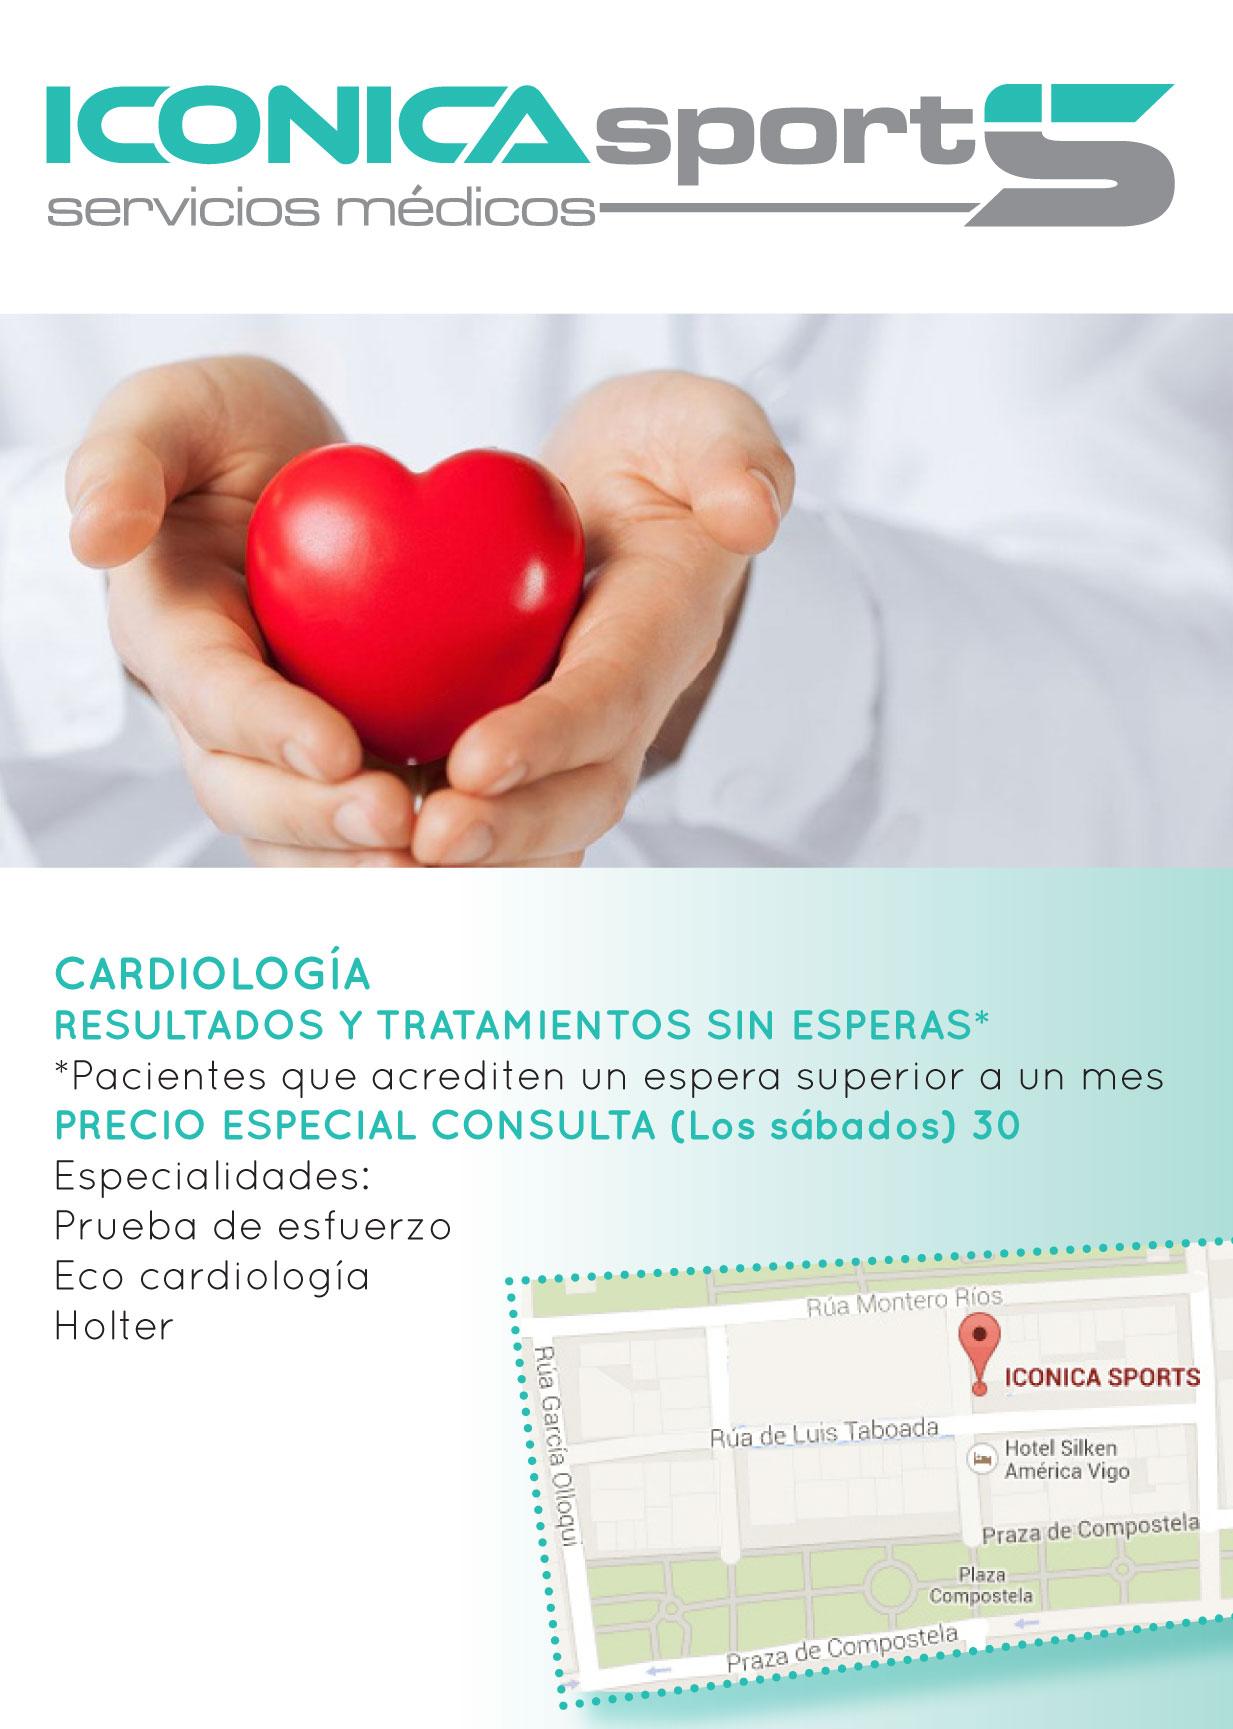 cardiologo-vigo-iconica-sports